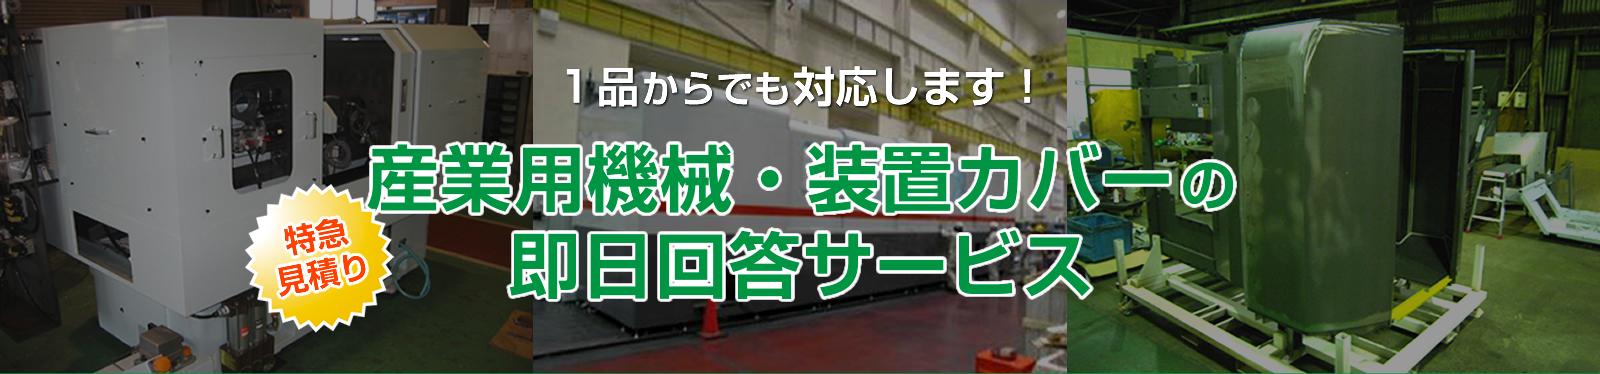 産業用機械・装置カバーの即日回答サービス